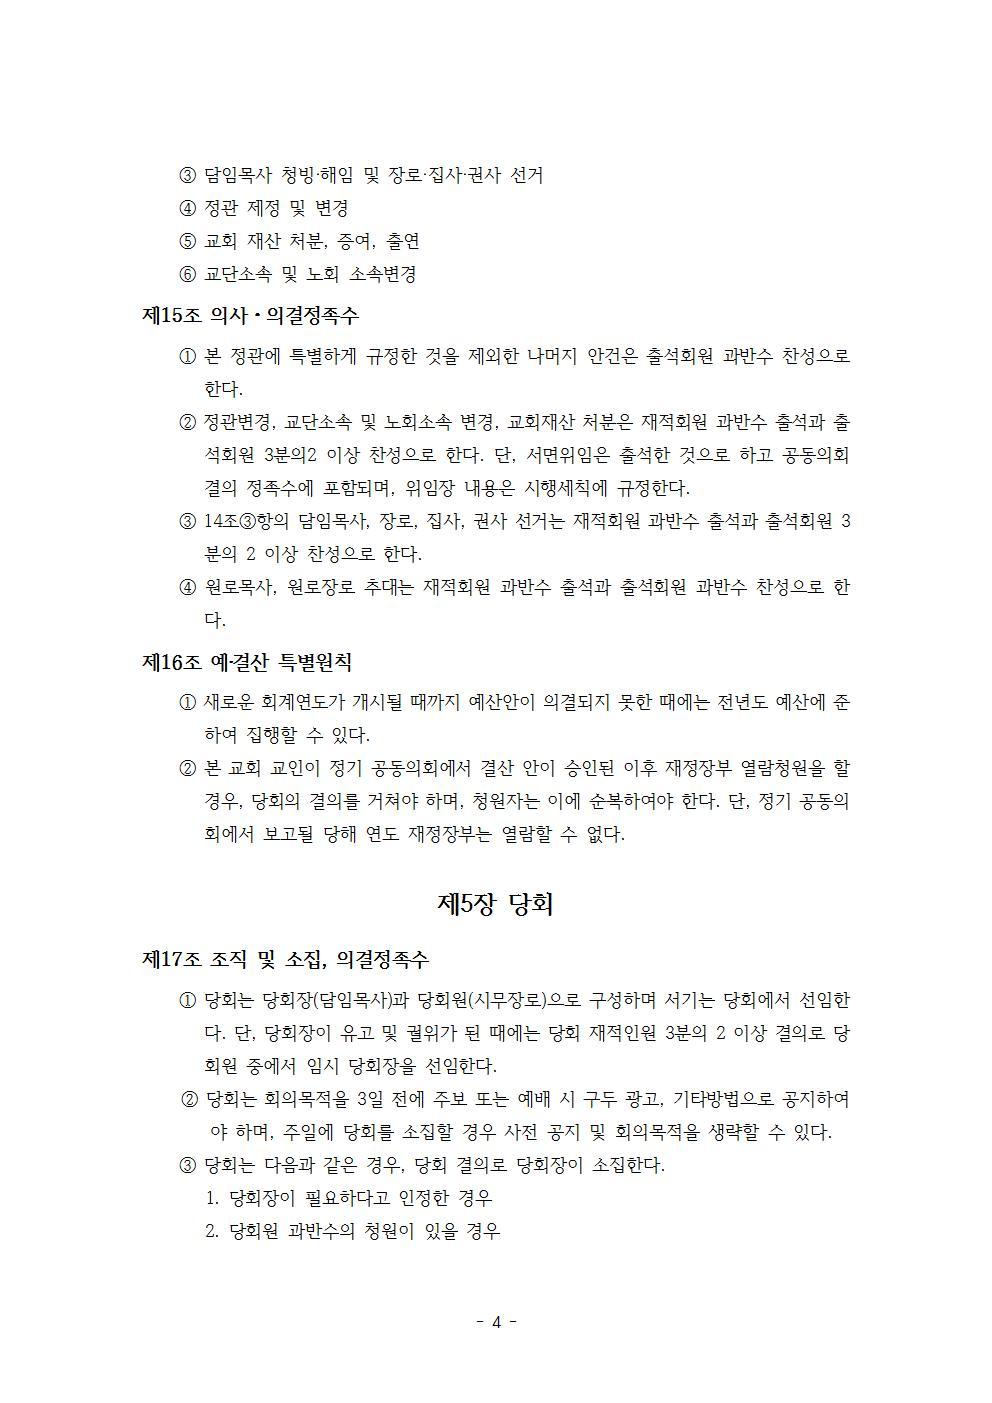 장안중앙교회 정관